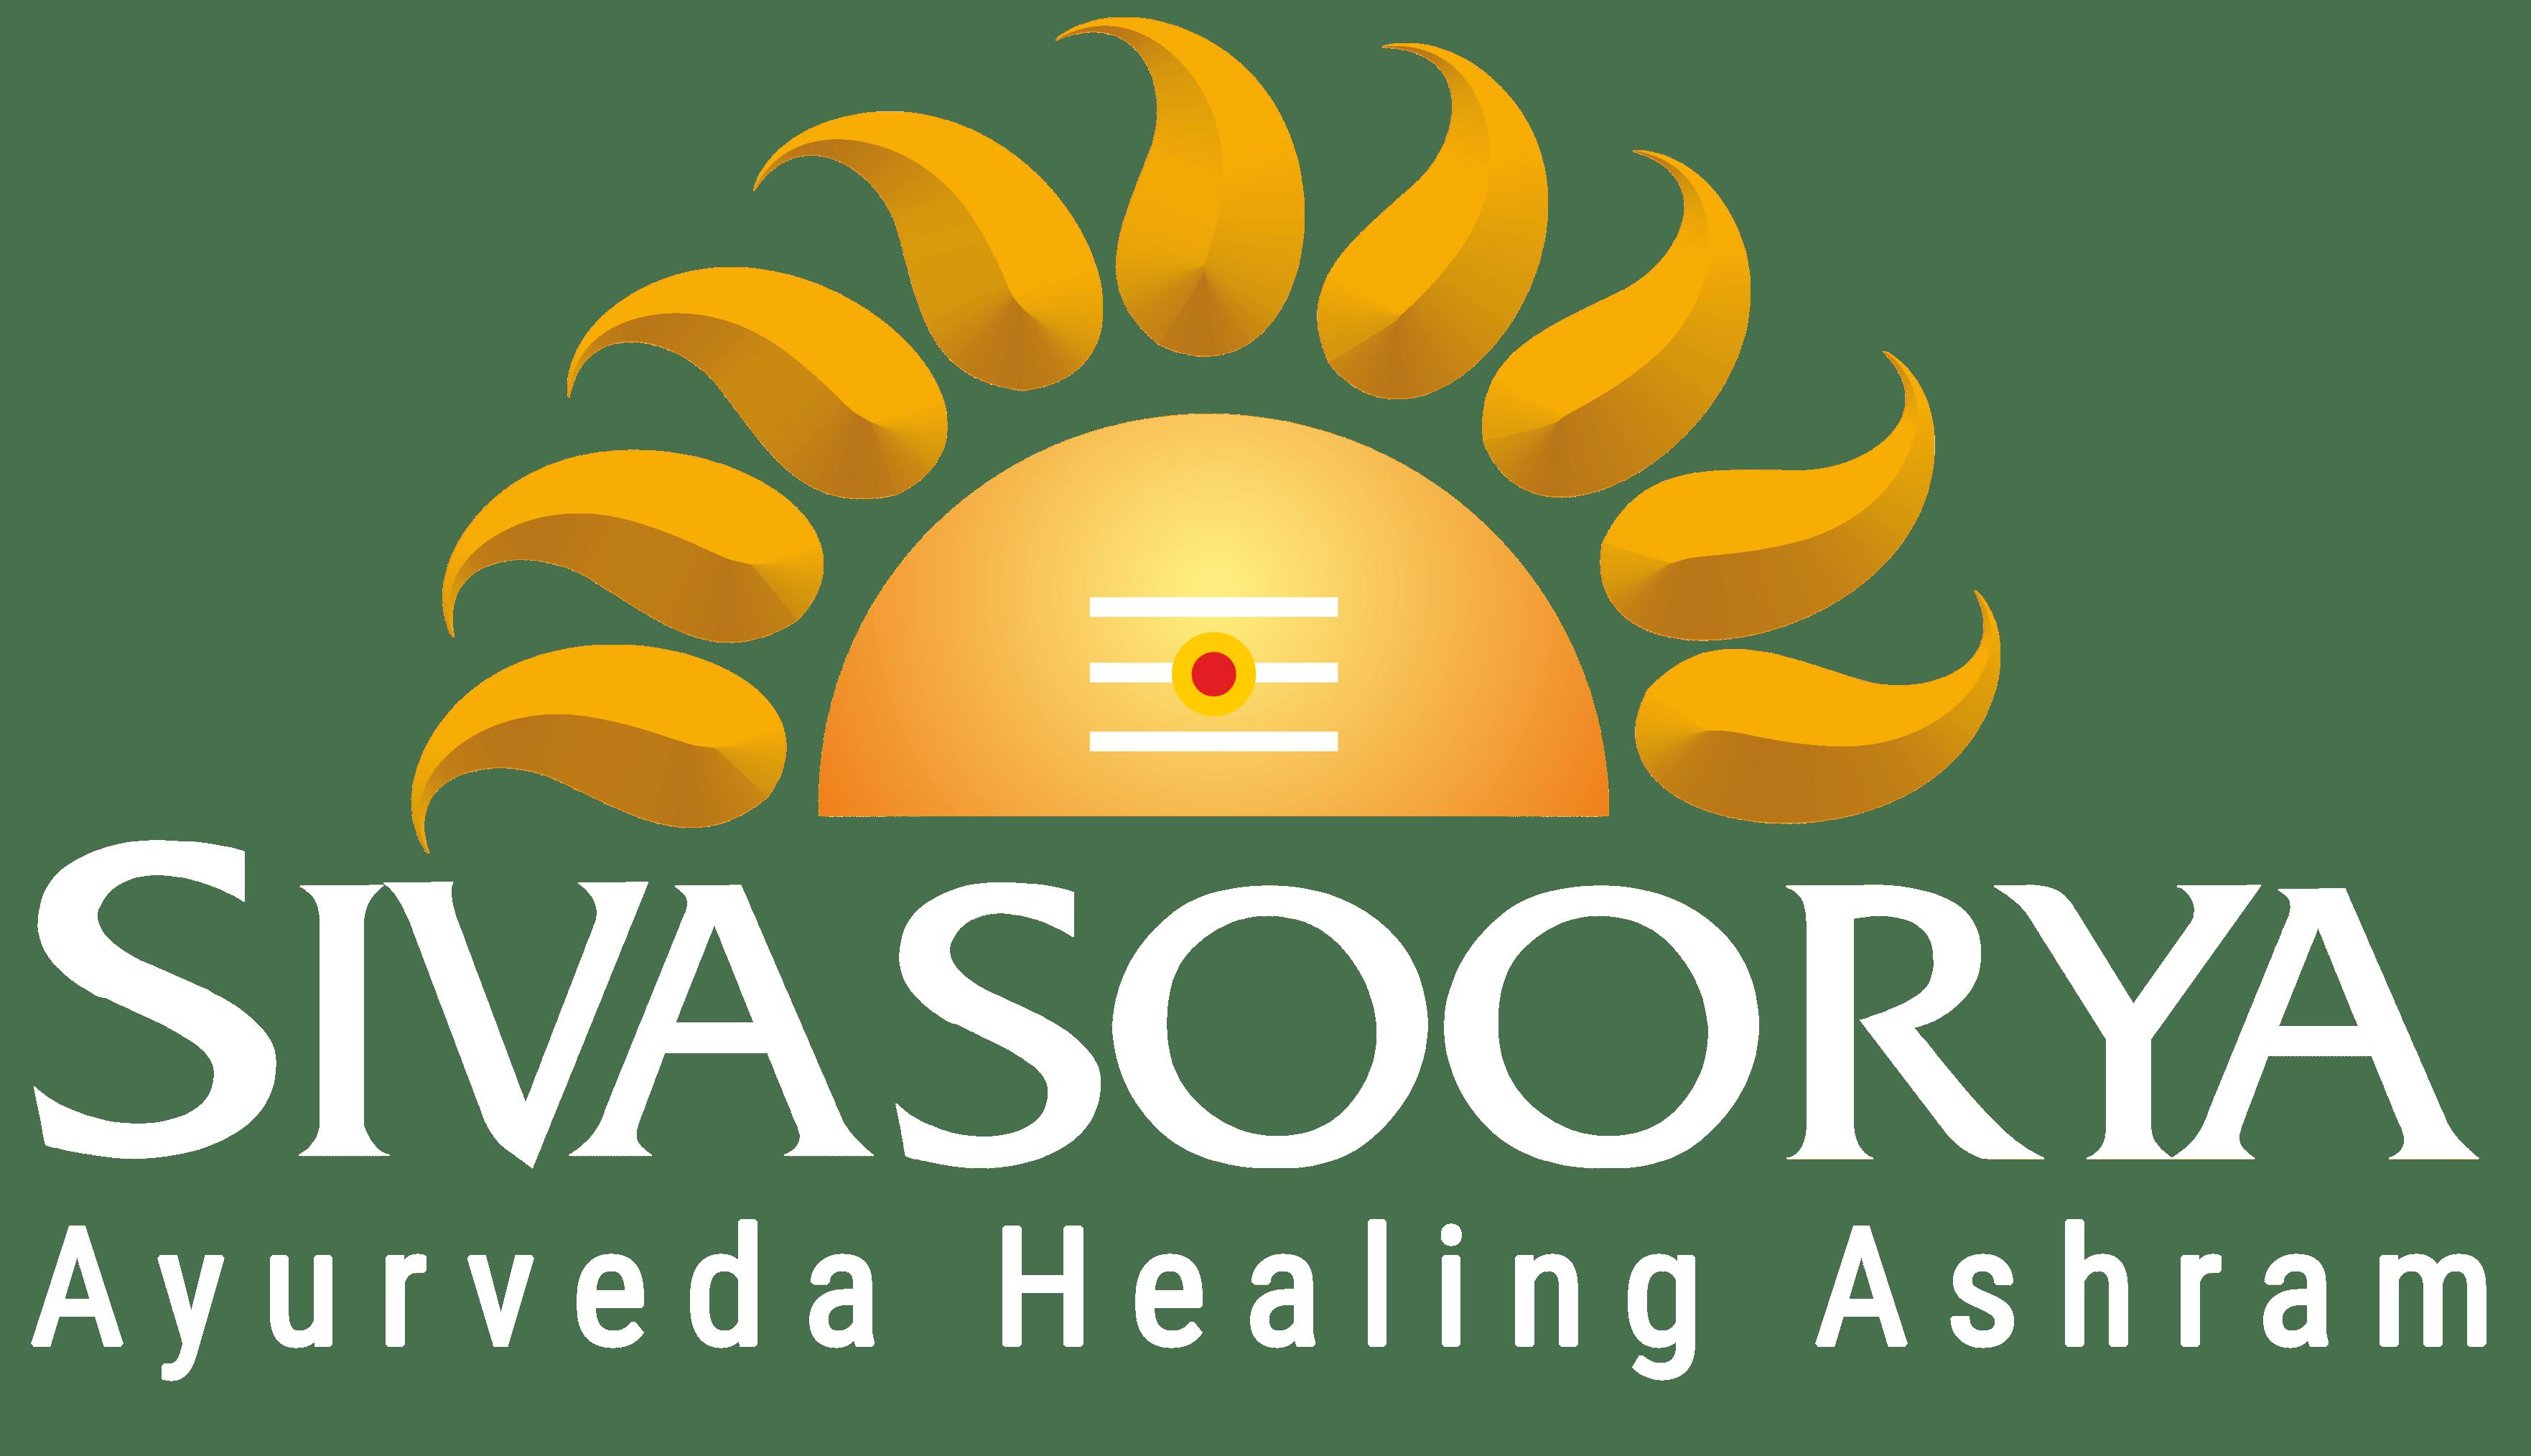 Ayurveda Healing Ashram